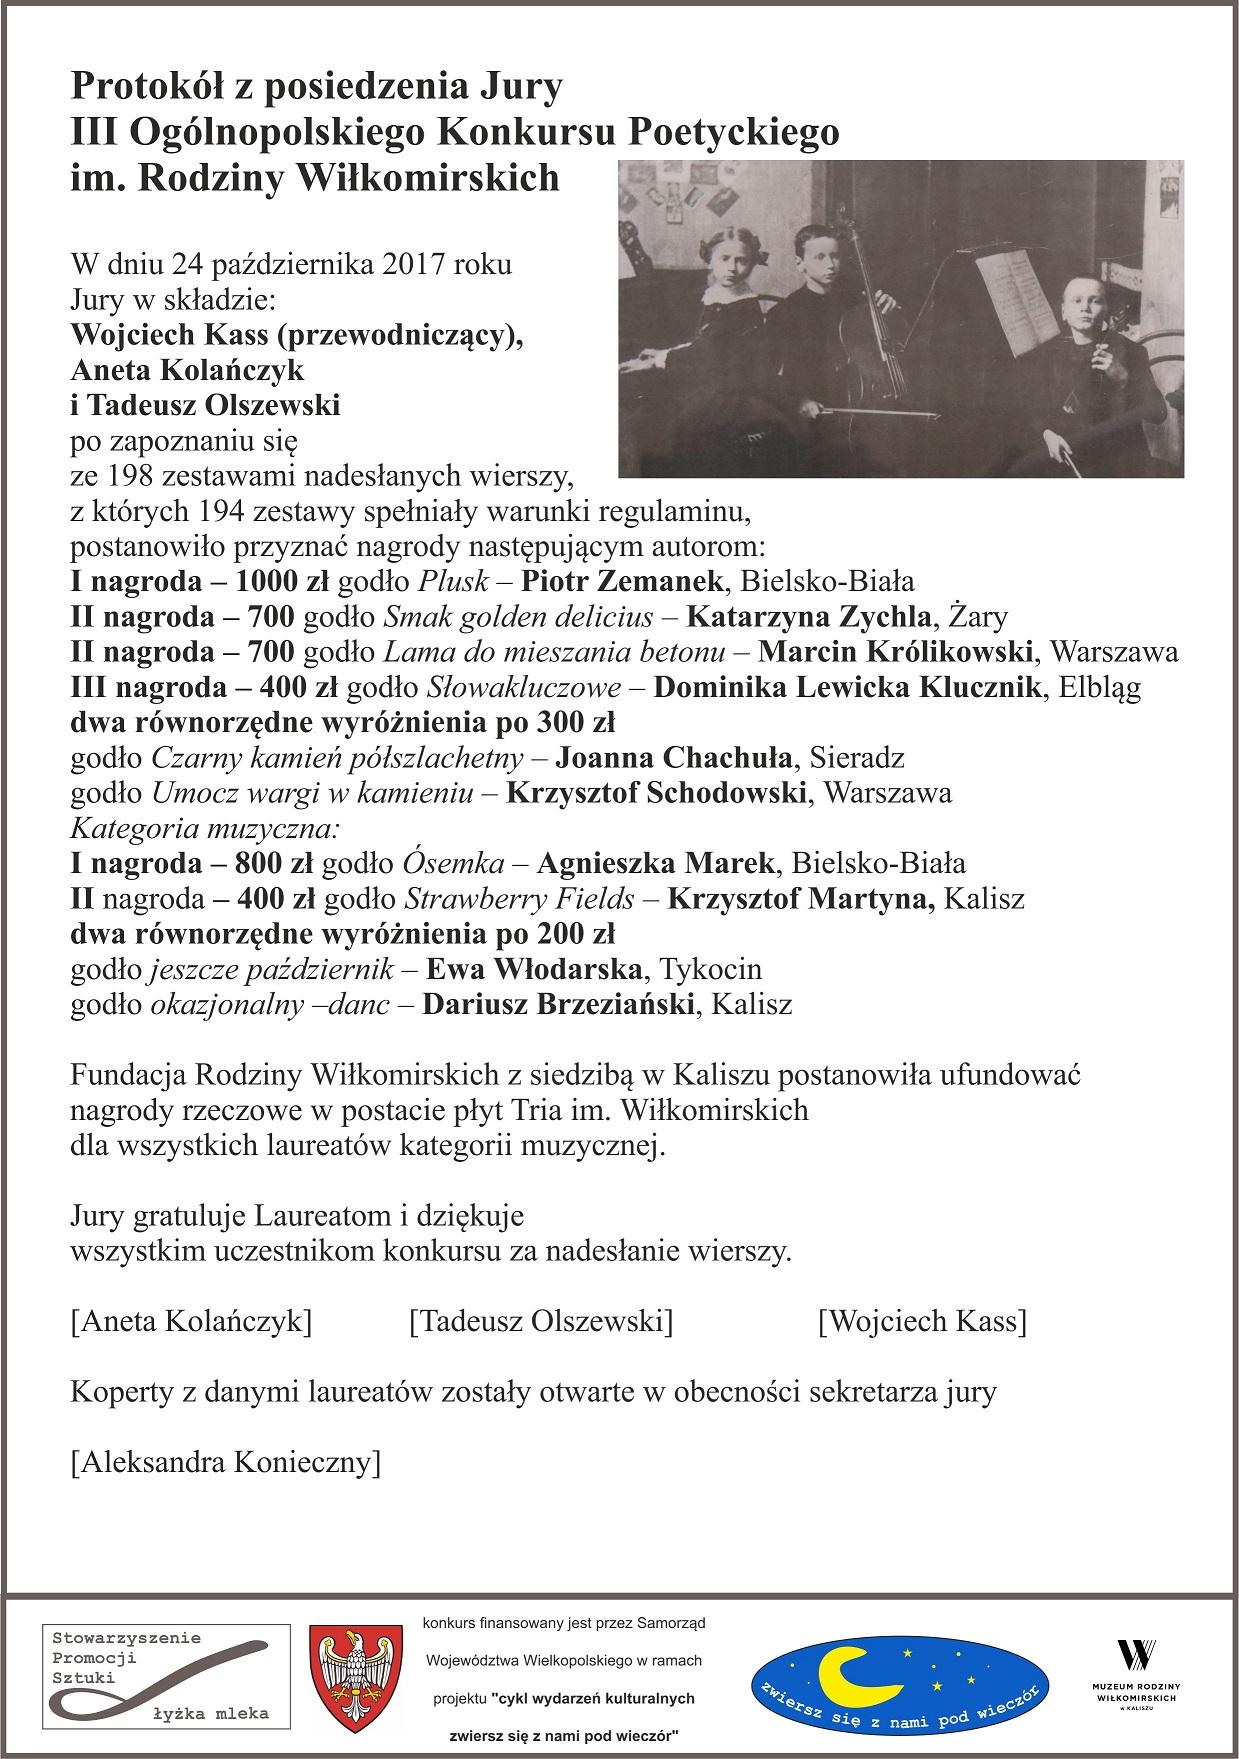 Iii Konkurs Poetycki Im Rodziny Wiłkomirskich